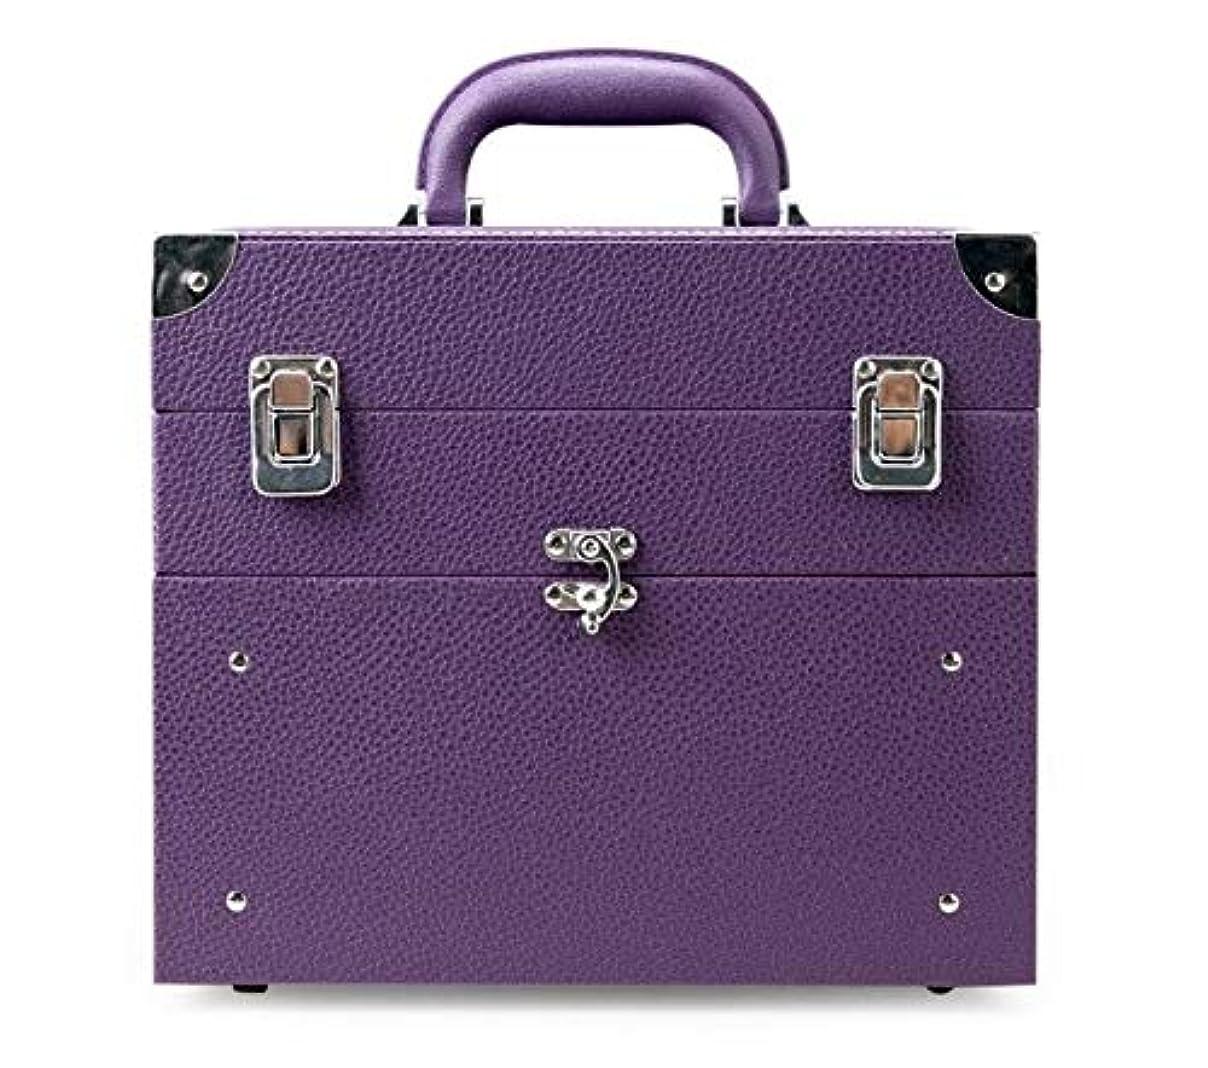 オートメーションハッピー芸術的化粧箱、大容量の二重層の携帯用化粧品の箱、携帯用旅行化粧品袋の収納袋、美の構造の釘の宝石類の収納箱 (Color : Purple)